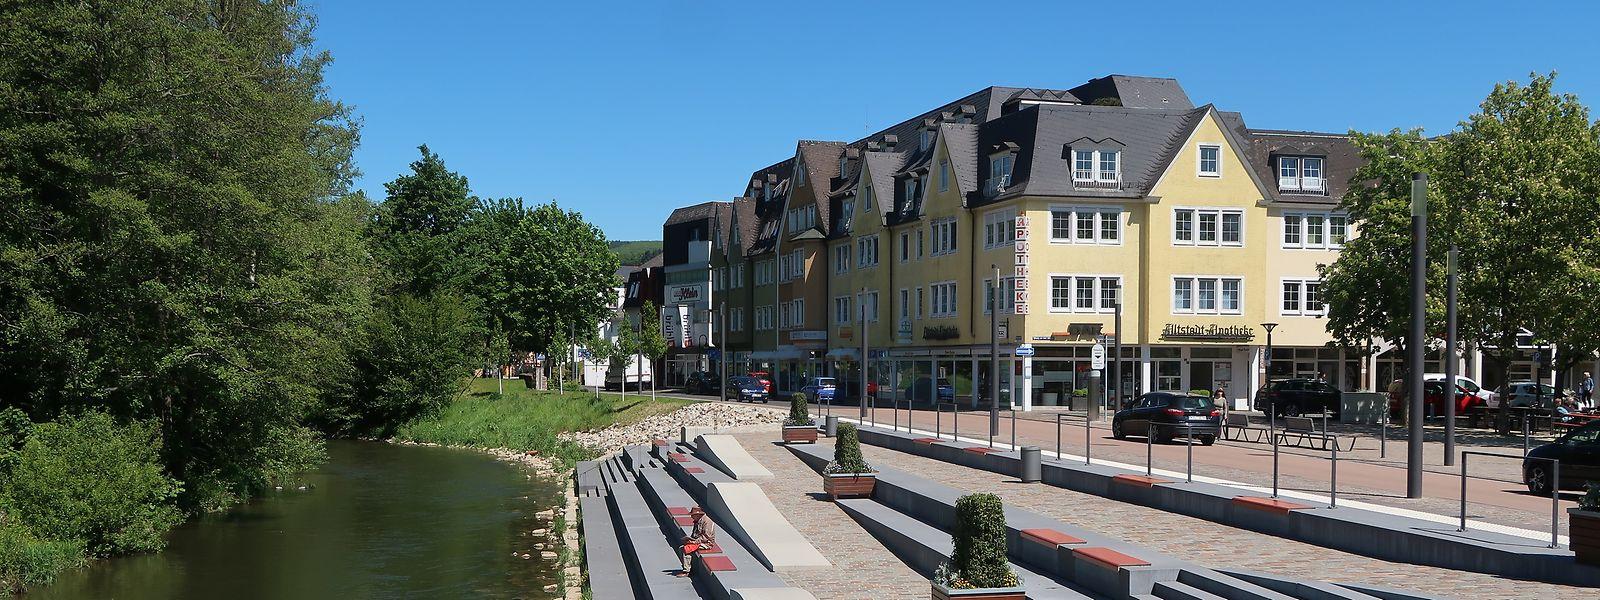 So wie die Alzette durch Esch fließt, zieht die Lieser durch Wittlich. Beide Städte haben noch weitere Gemeinsamkeiten. So hatte auch Wittlich Probleme mit Leerständen in der Innenstadt.